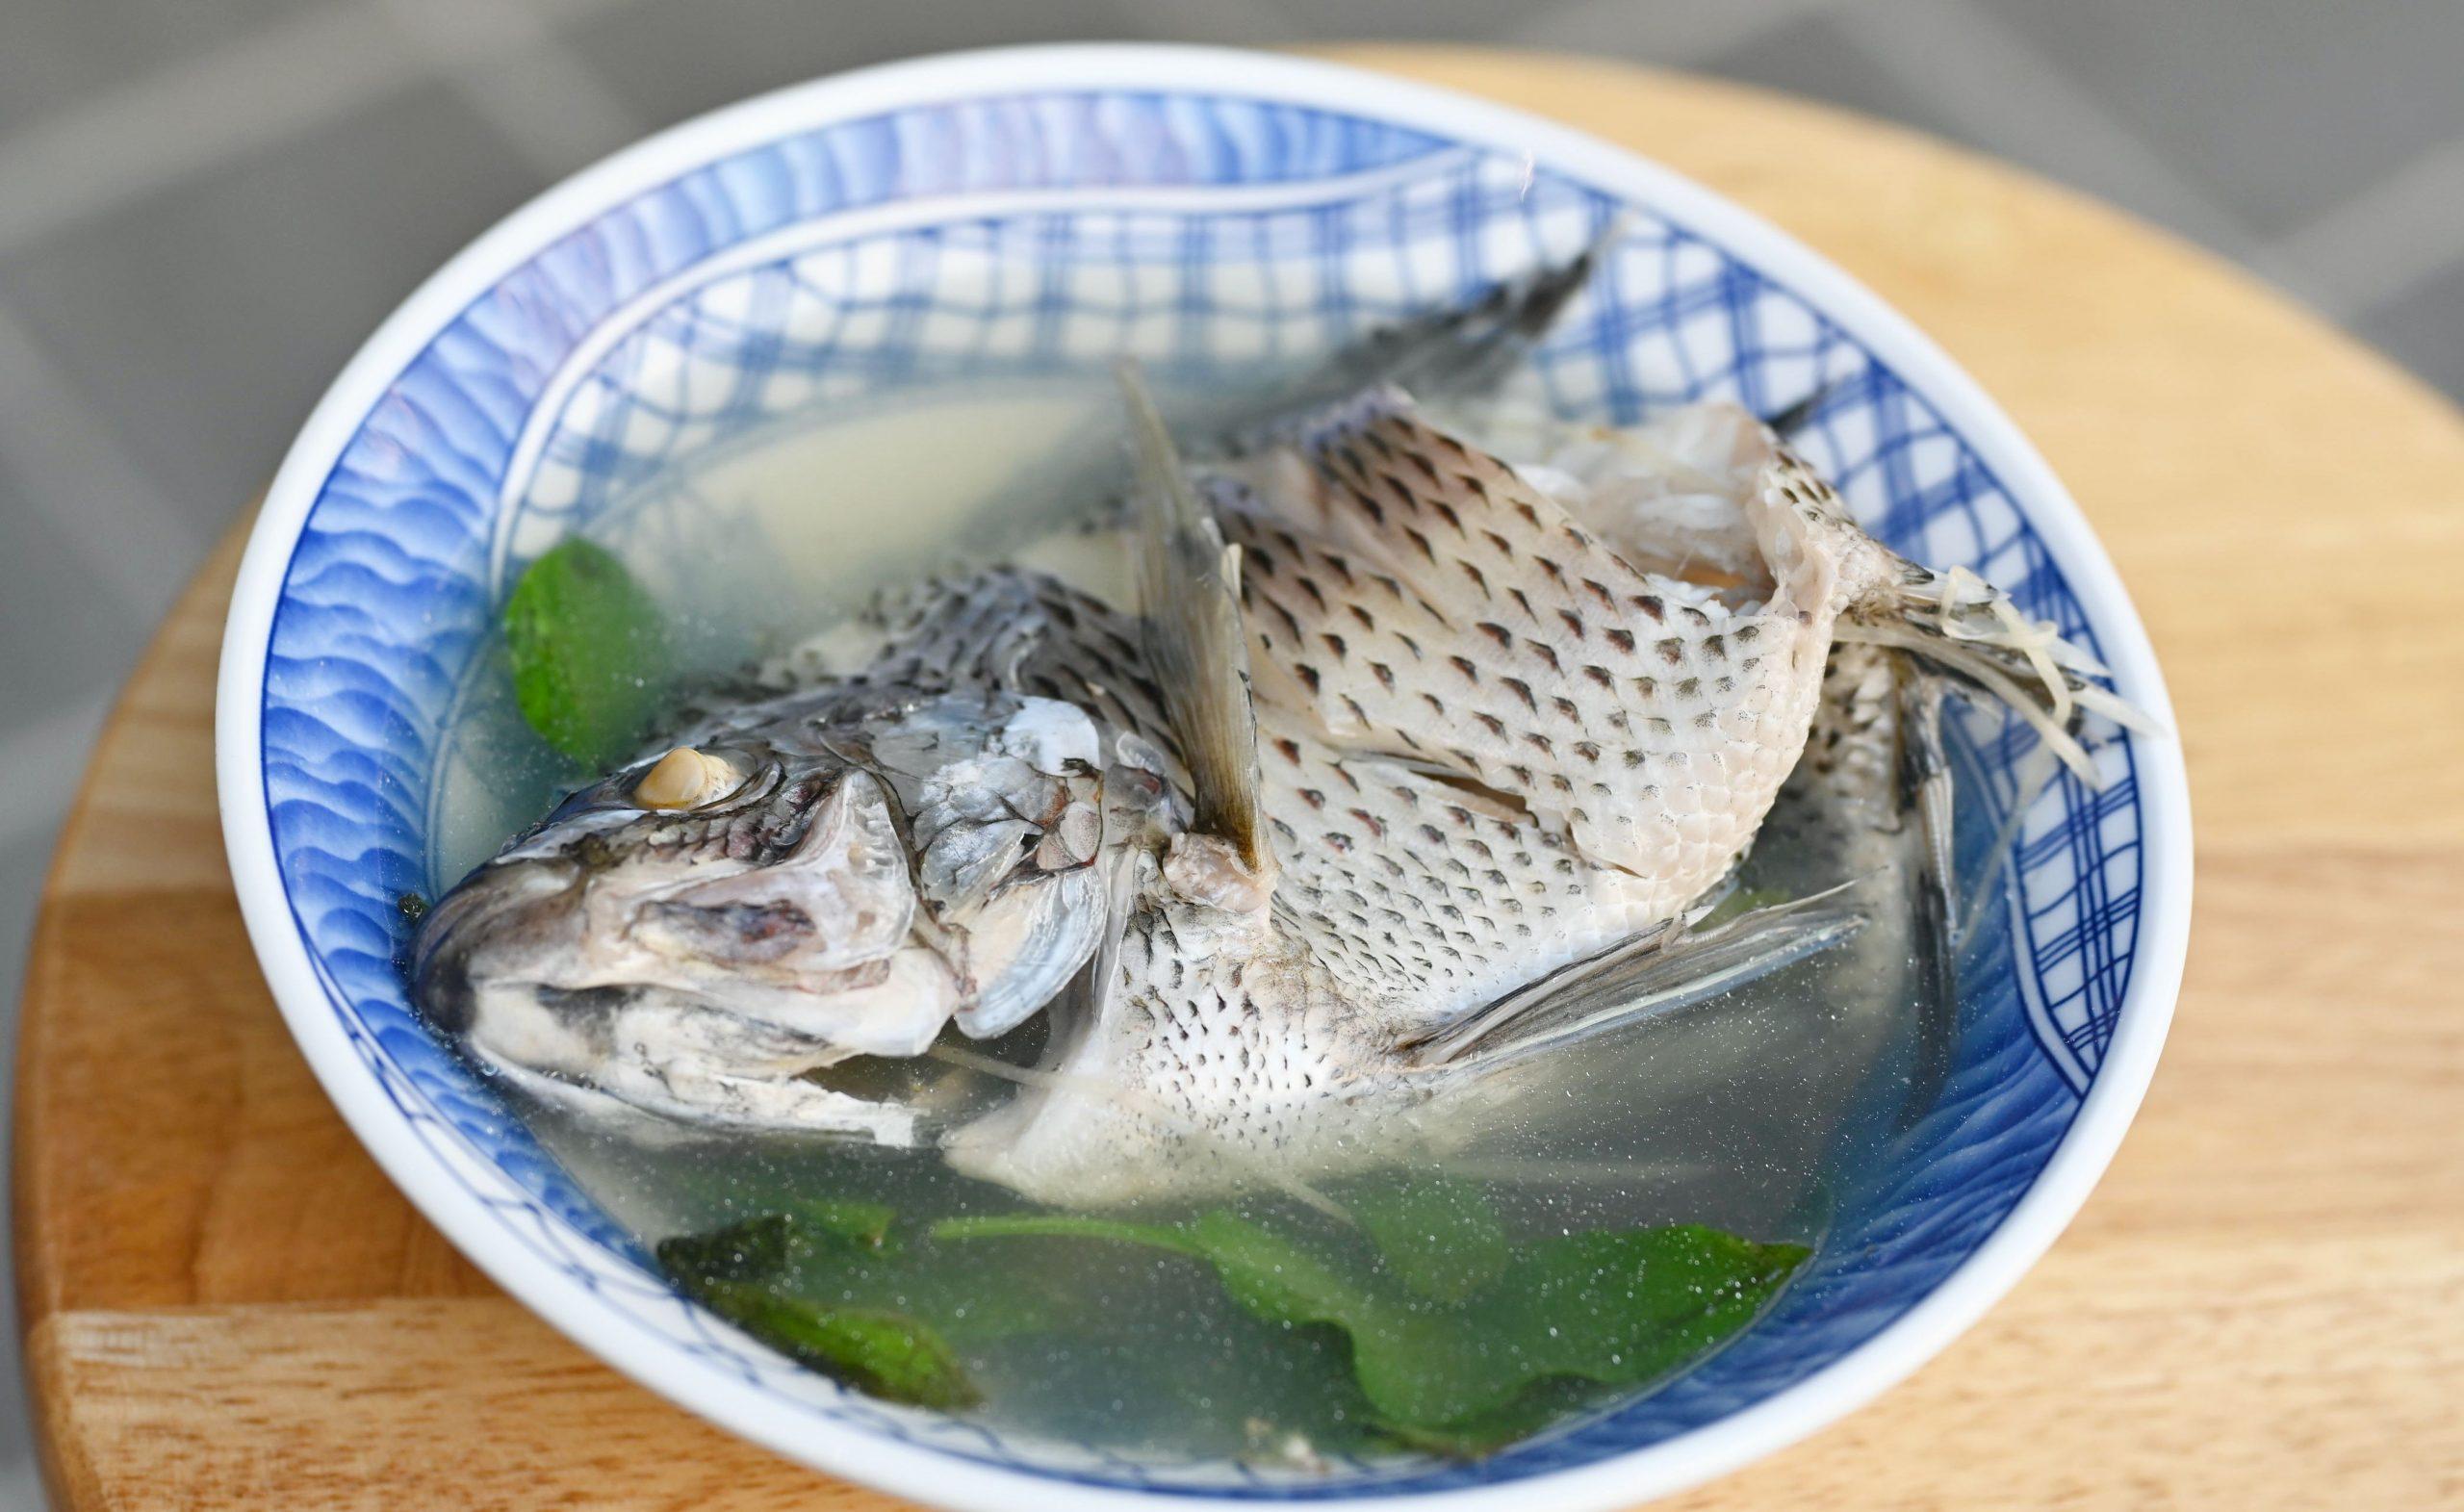 以馬內利鮮魚湯,以馬內利鮮魚湯菜單,以馬內利鮮魚湯搬家,善導寺美食 @Nash,神之領域